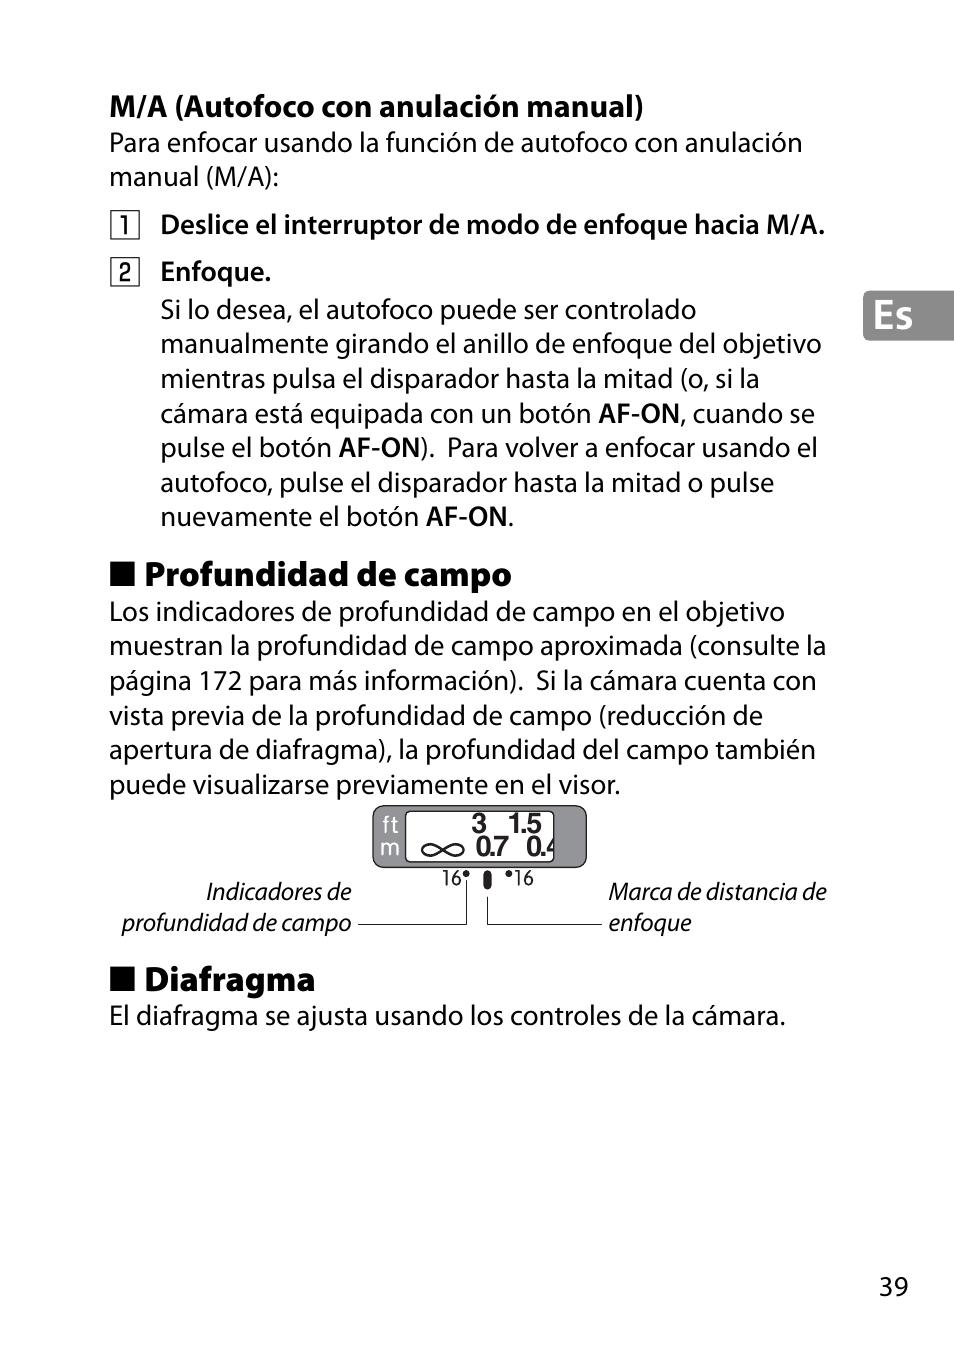 M A Autofoco Con Anulacin Manual Profundidad De Campo Diafragma Nikon Af S 28mm F18g